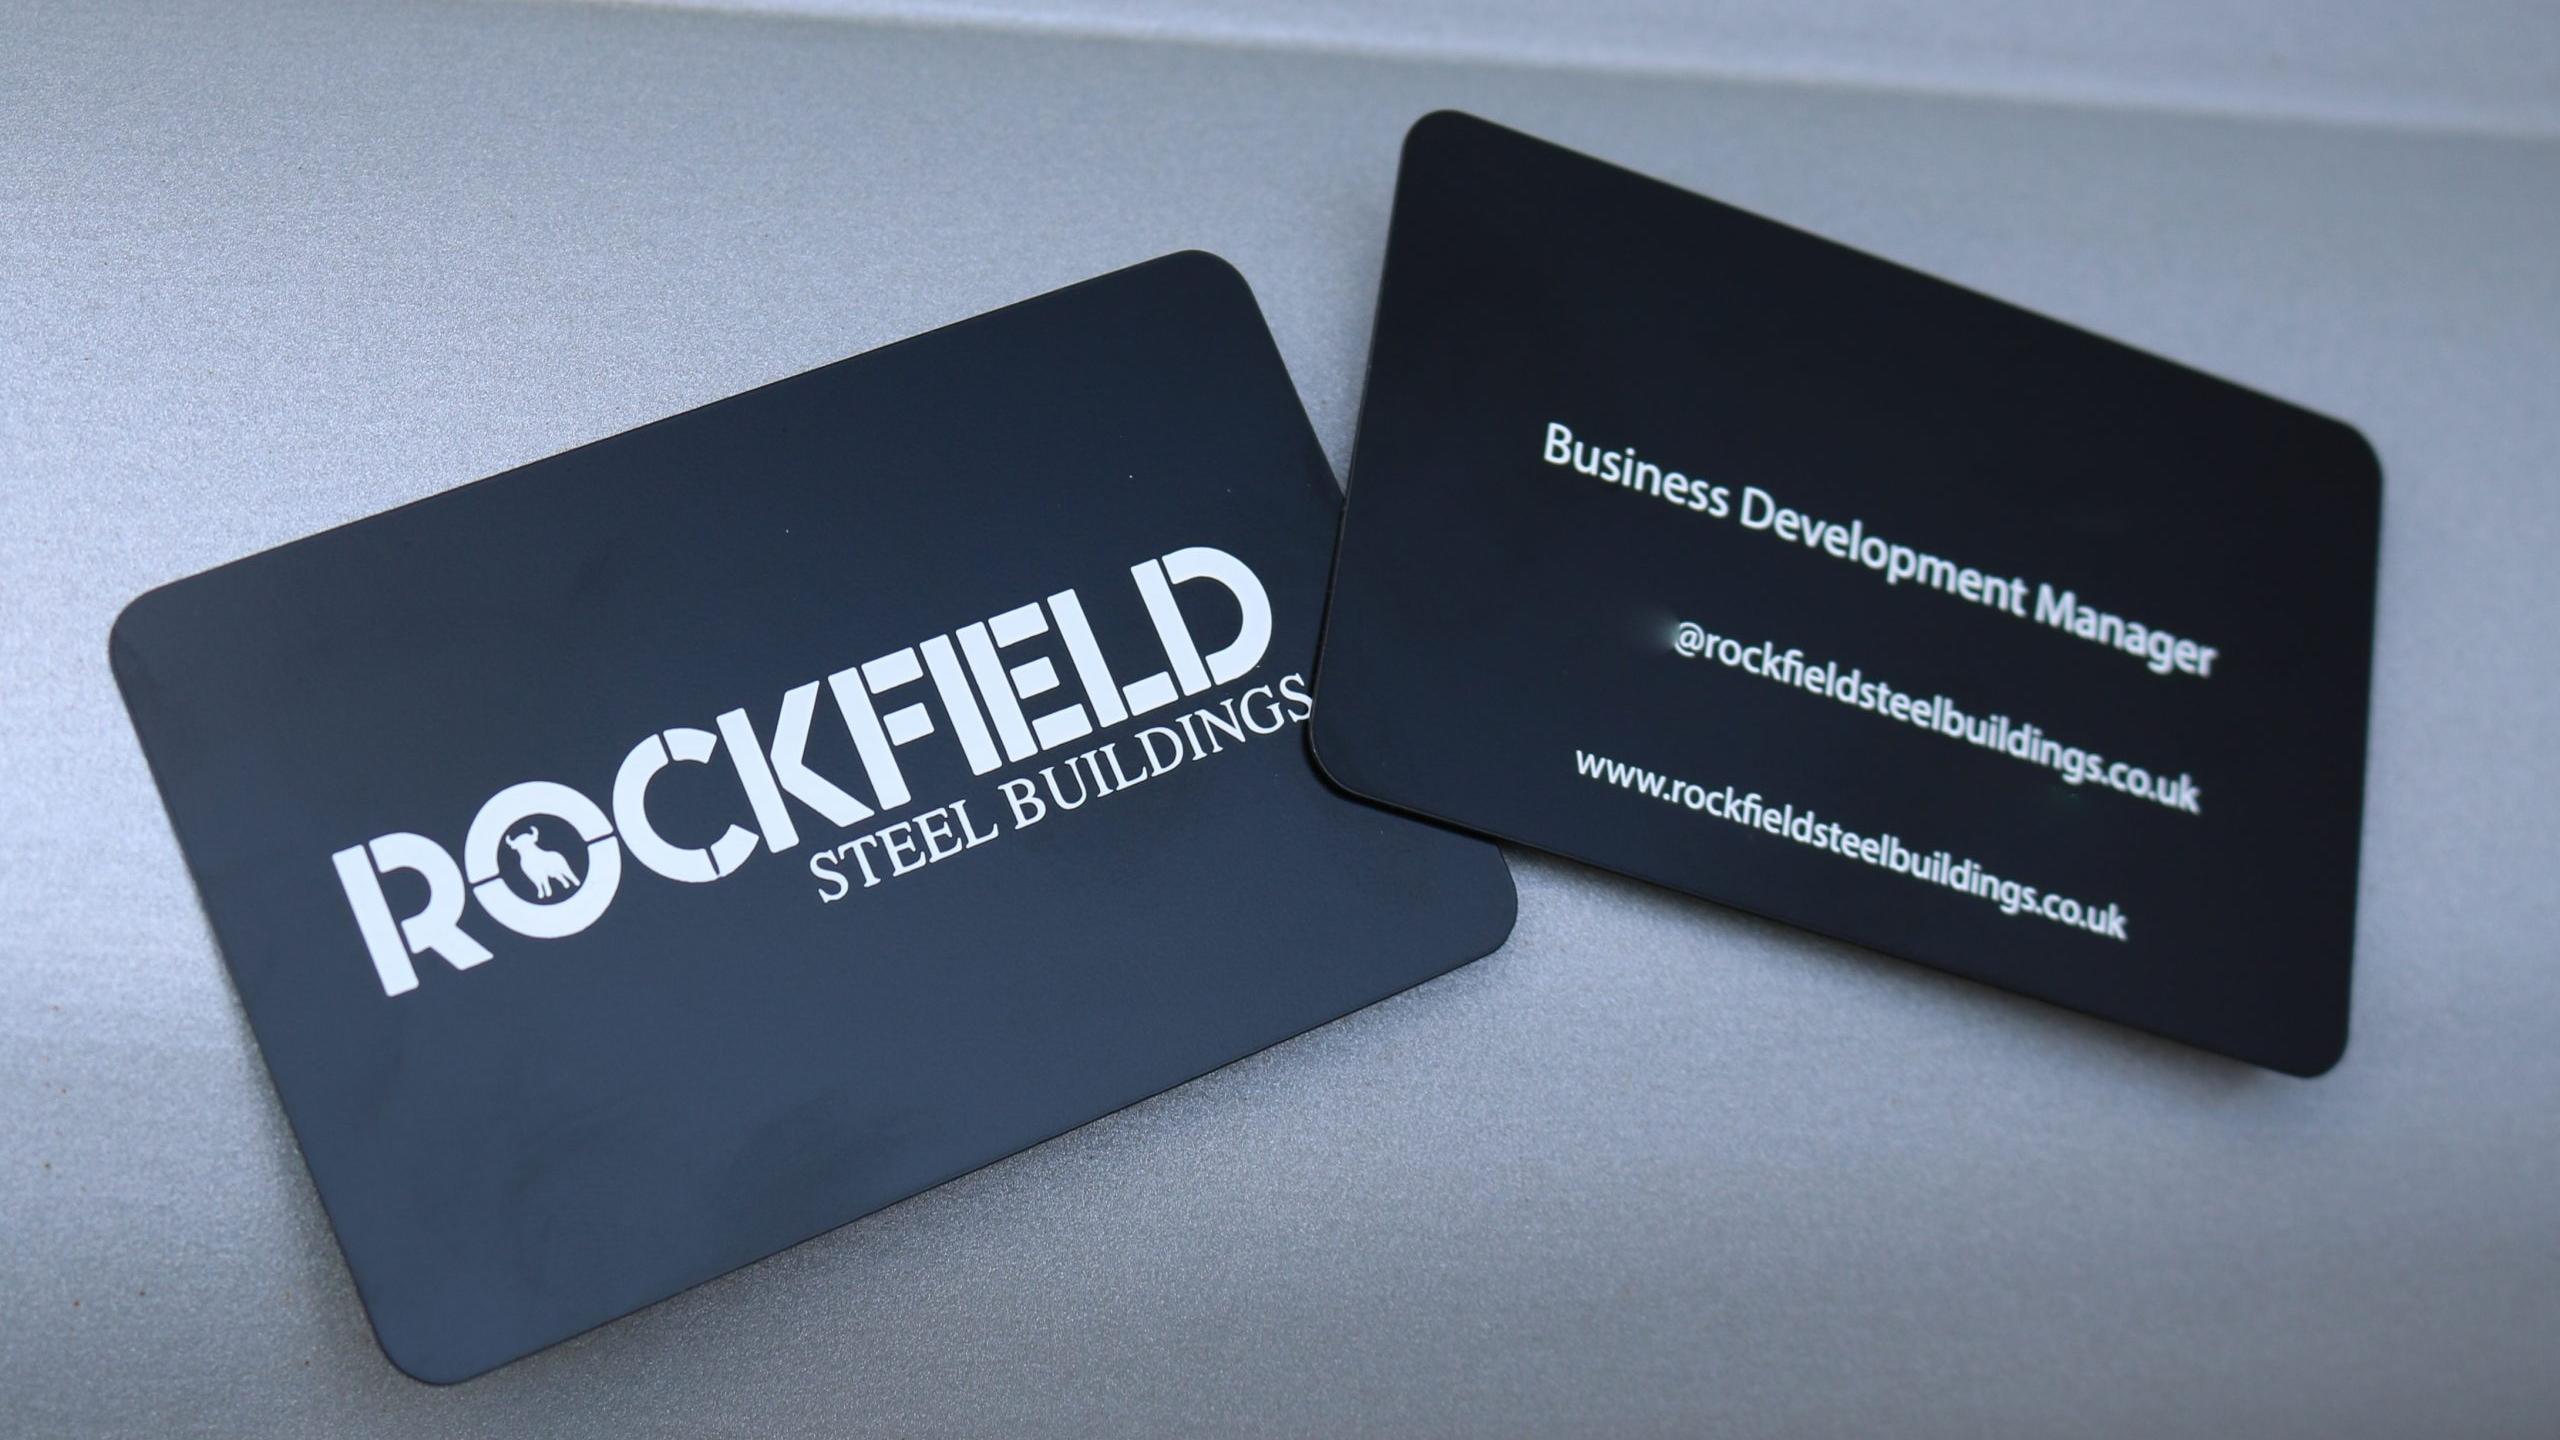 Rockfield Steel Buildings - Metal Business Cards